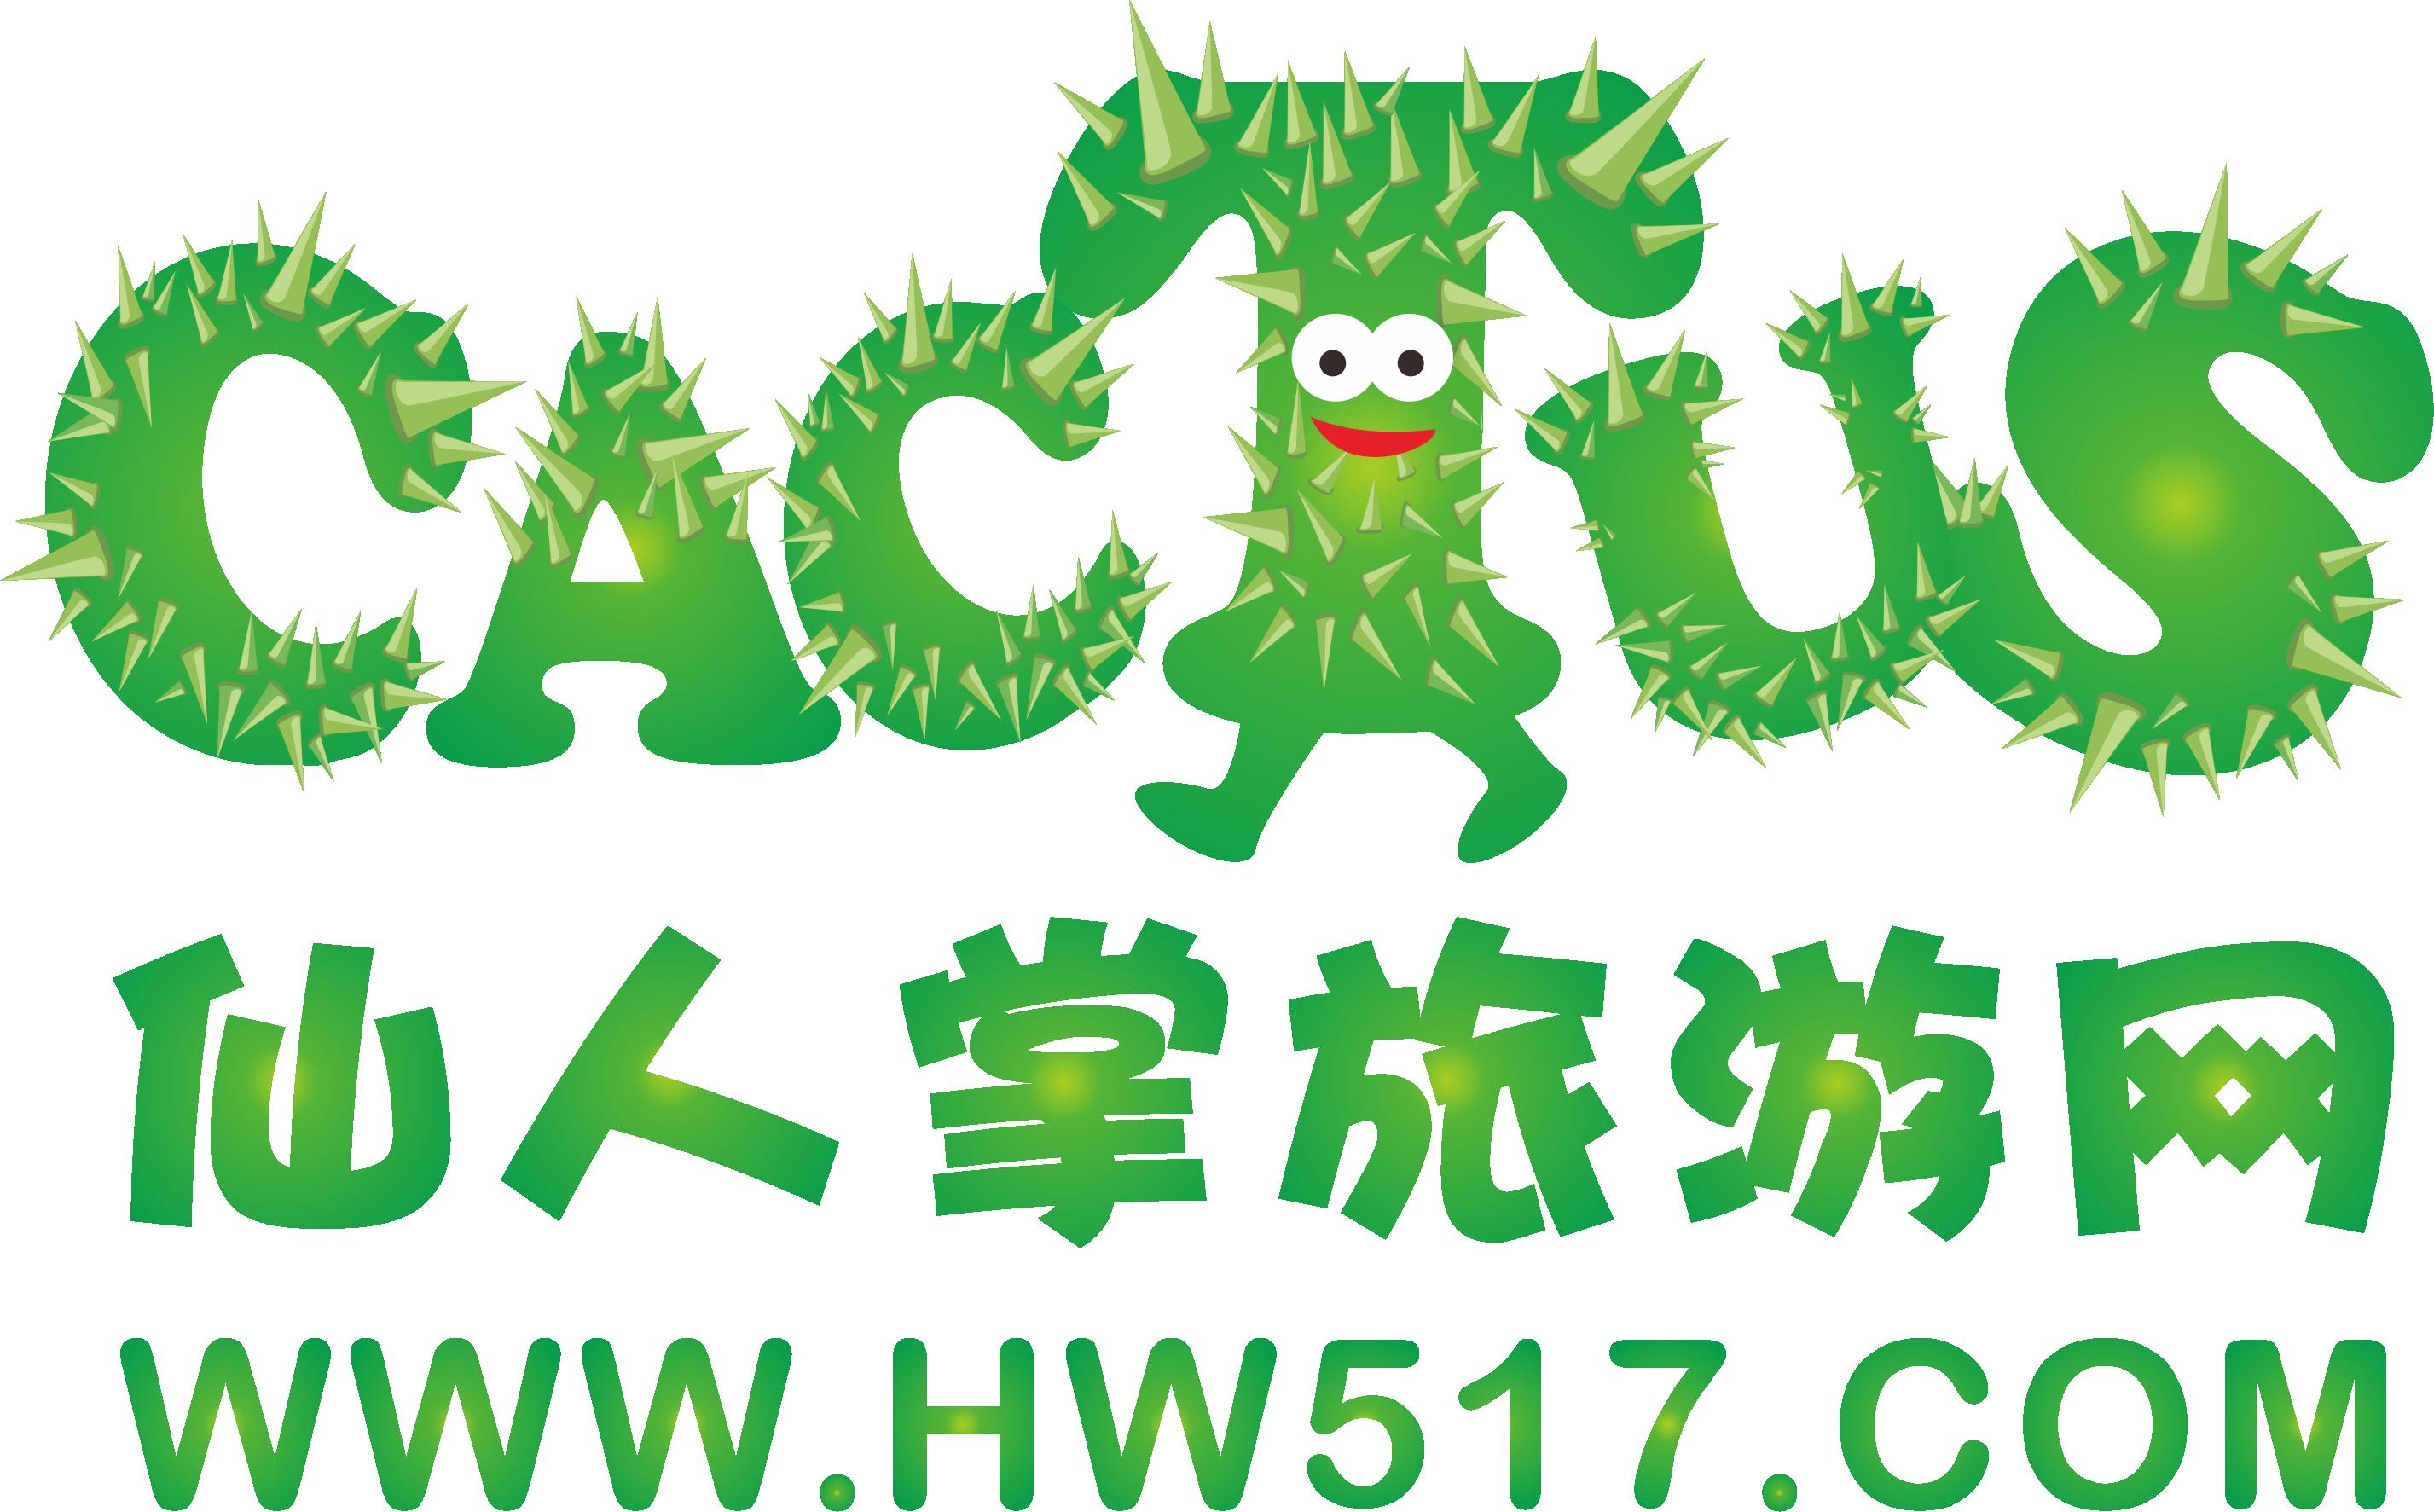 【仙人掌旅游】温州洞头列岛、天顶湖游船、畲家风情、百丈漈三日